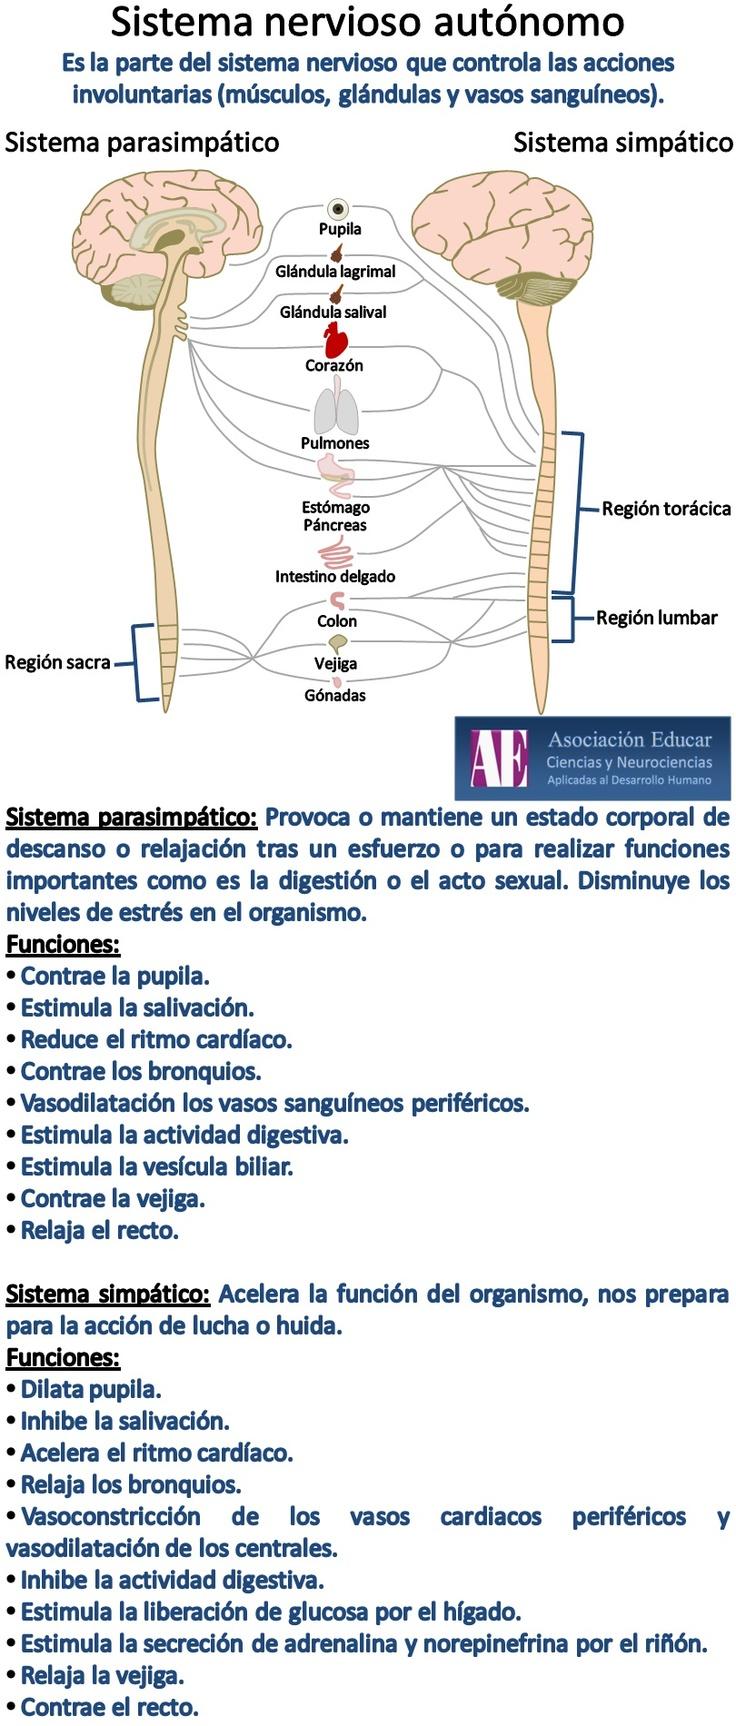 Ilustración Neurociencias: Sistema nervioso autónomo - Asociación Educar -   Ciencias y Neurociencias aplicadas al Desarrollo Humano -   www.asociacioneducar.com